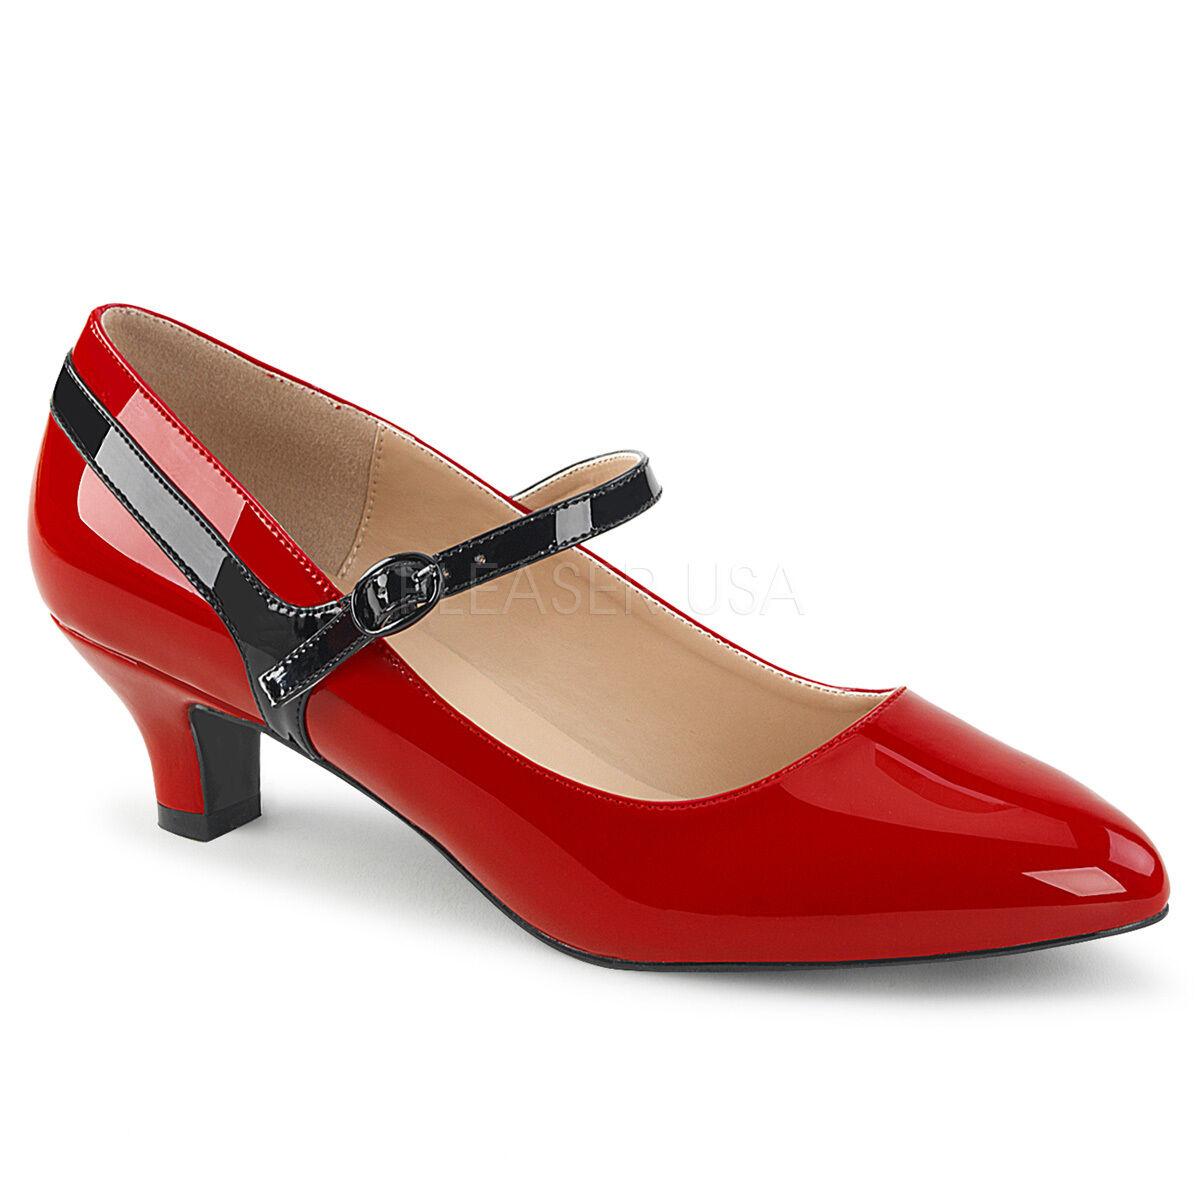 PLEASER Sexy rouge Brevet vernissées Mary Jane Escarpins 2  Talons Hauts chaussures